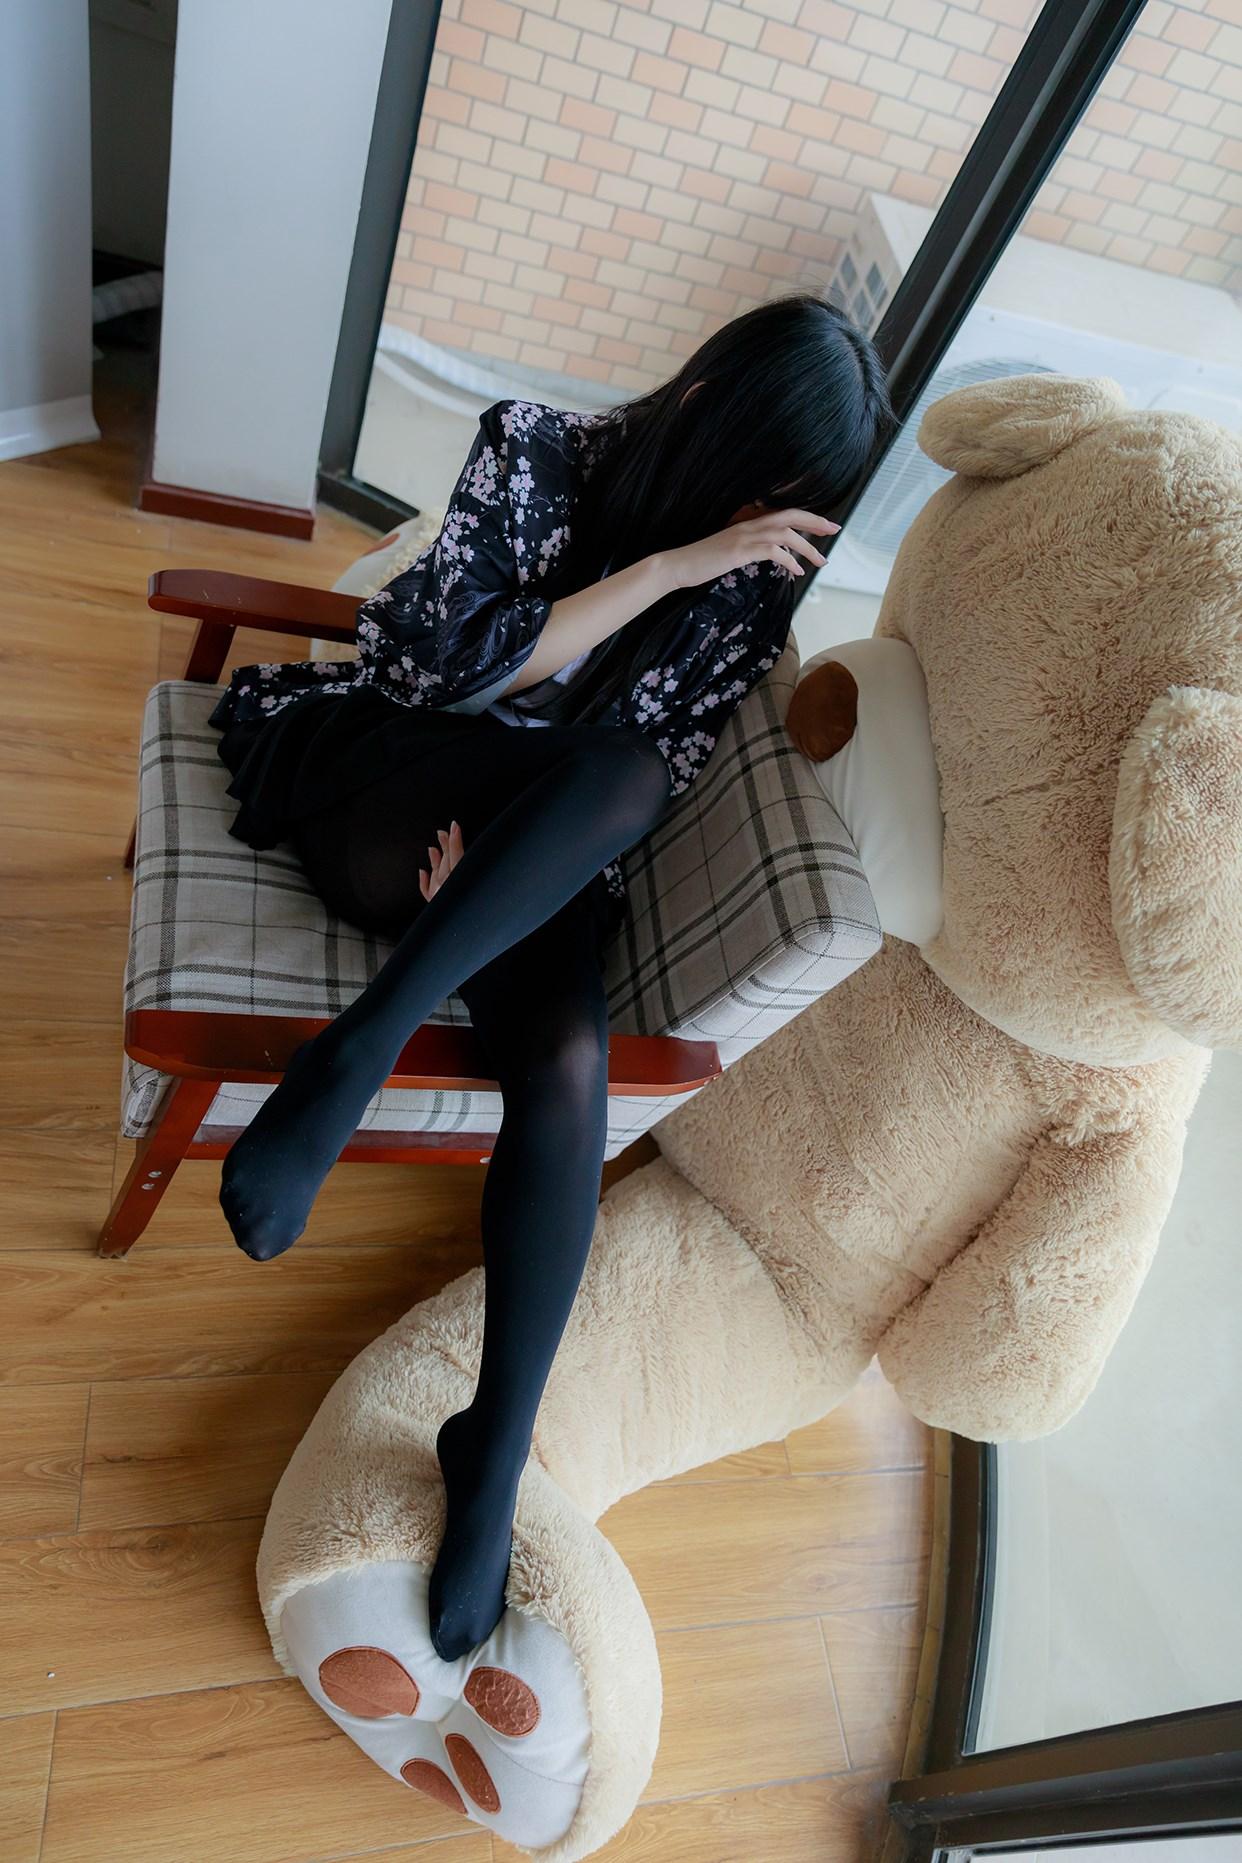 【兔玩映画】椅上的黑丝少女 兔玩映画 第4张